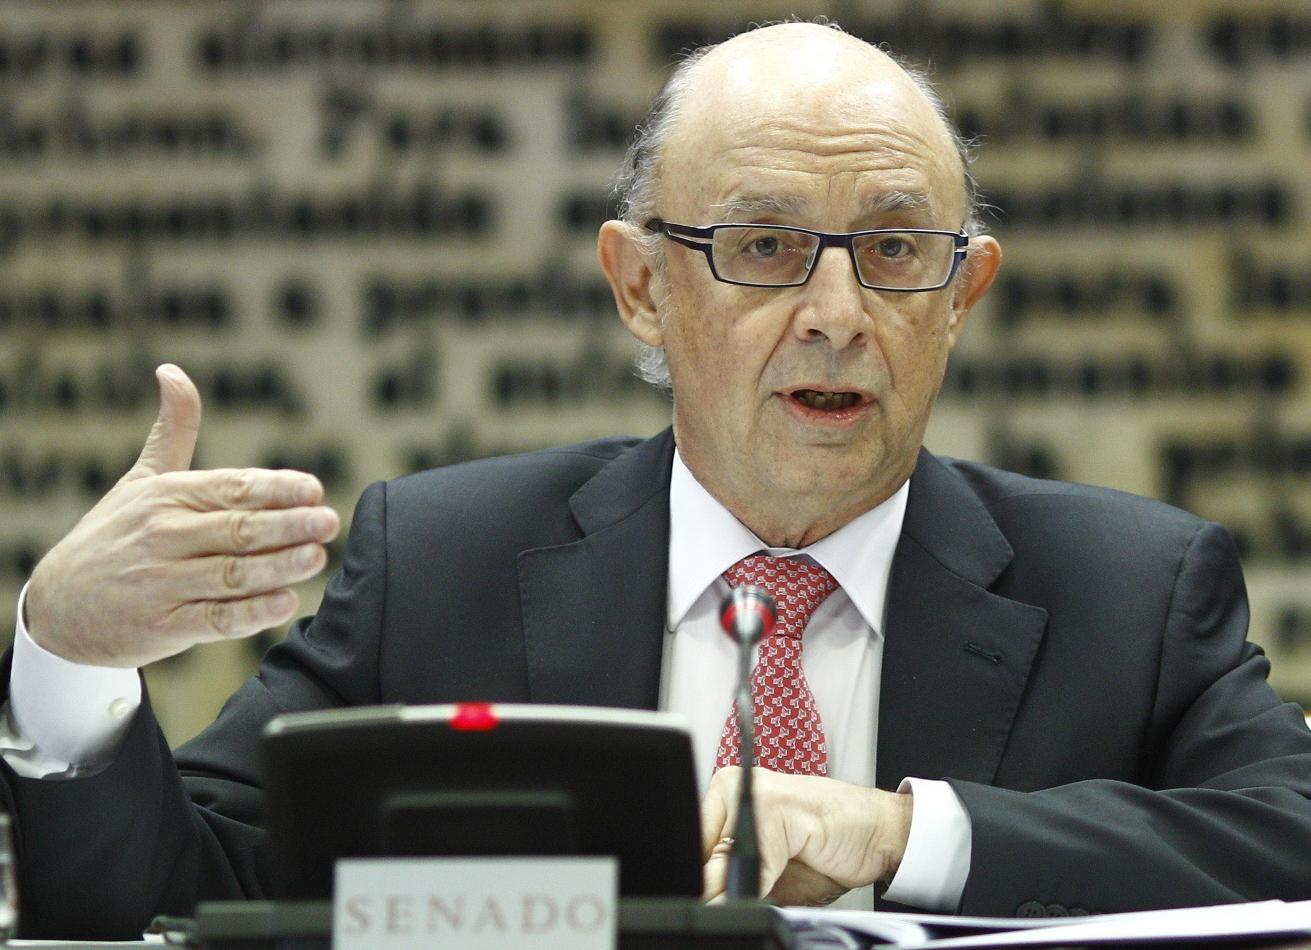 El ministro de Hacienda, Cristóbal Montoro, durante su comparecencia en el Senado.